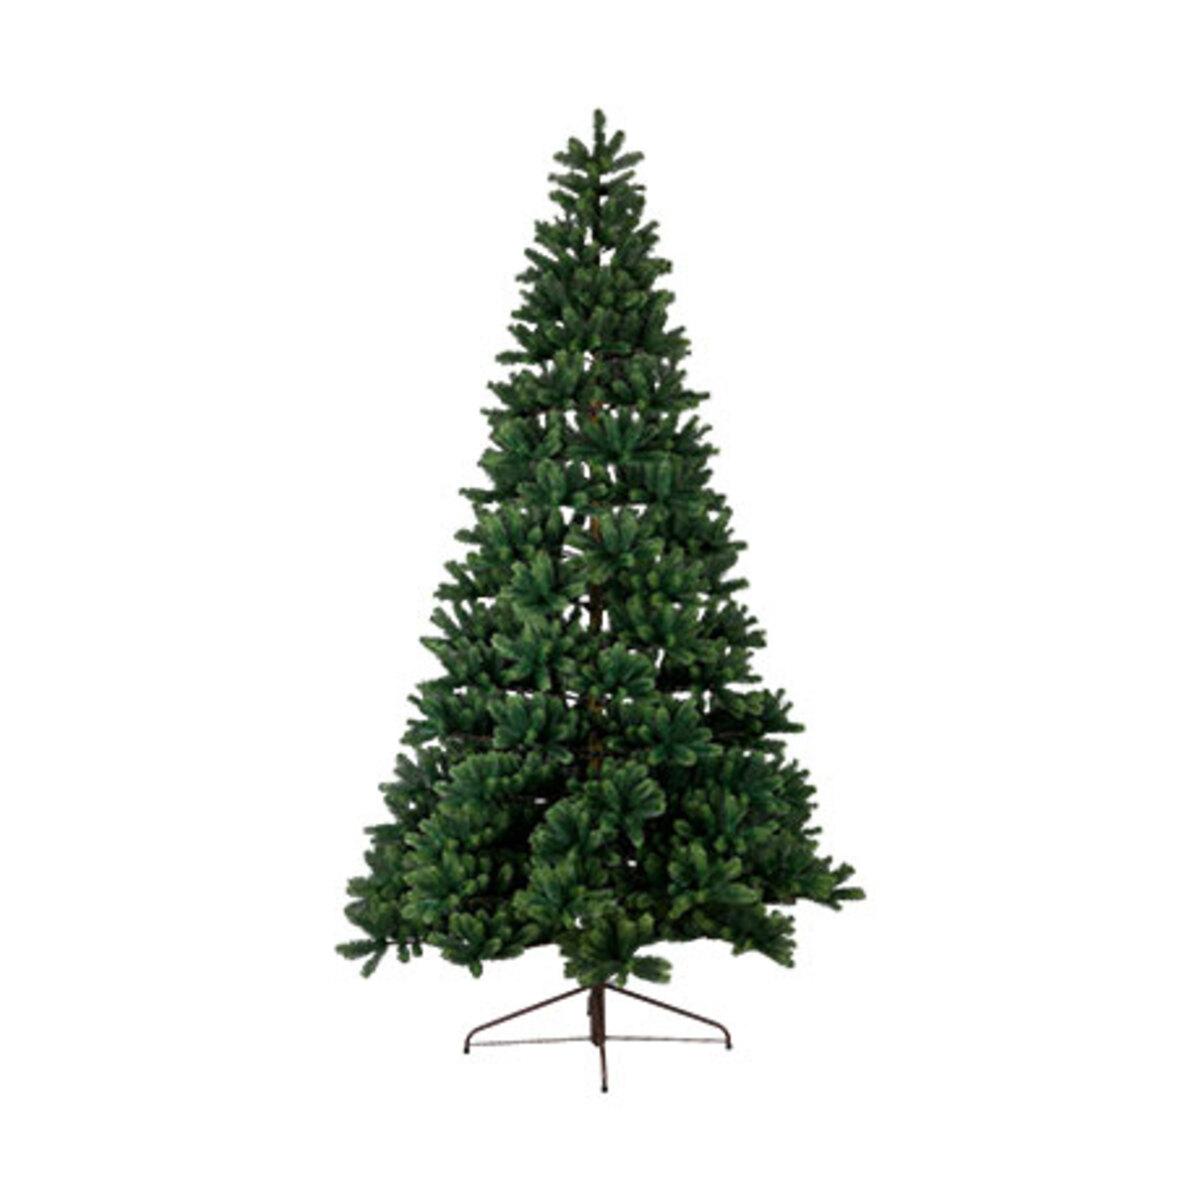 Bild 2 von Naturgetreuer Weihnachtsbaum1